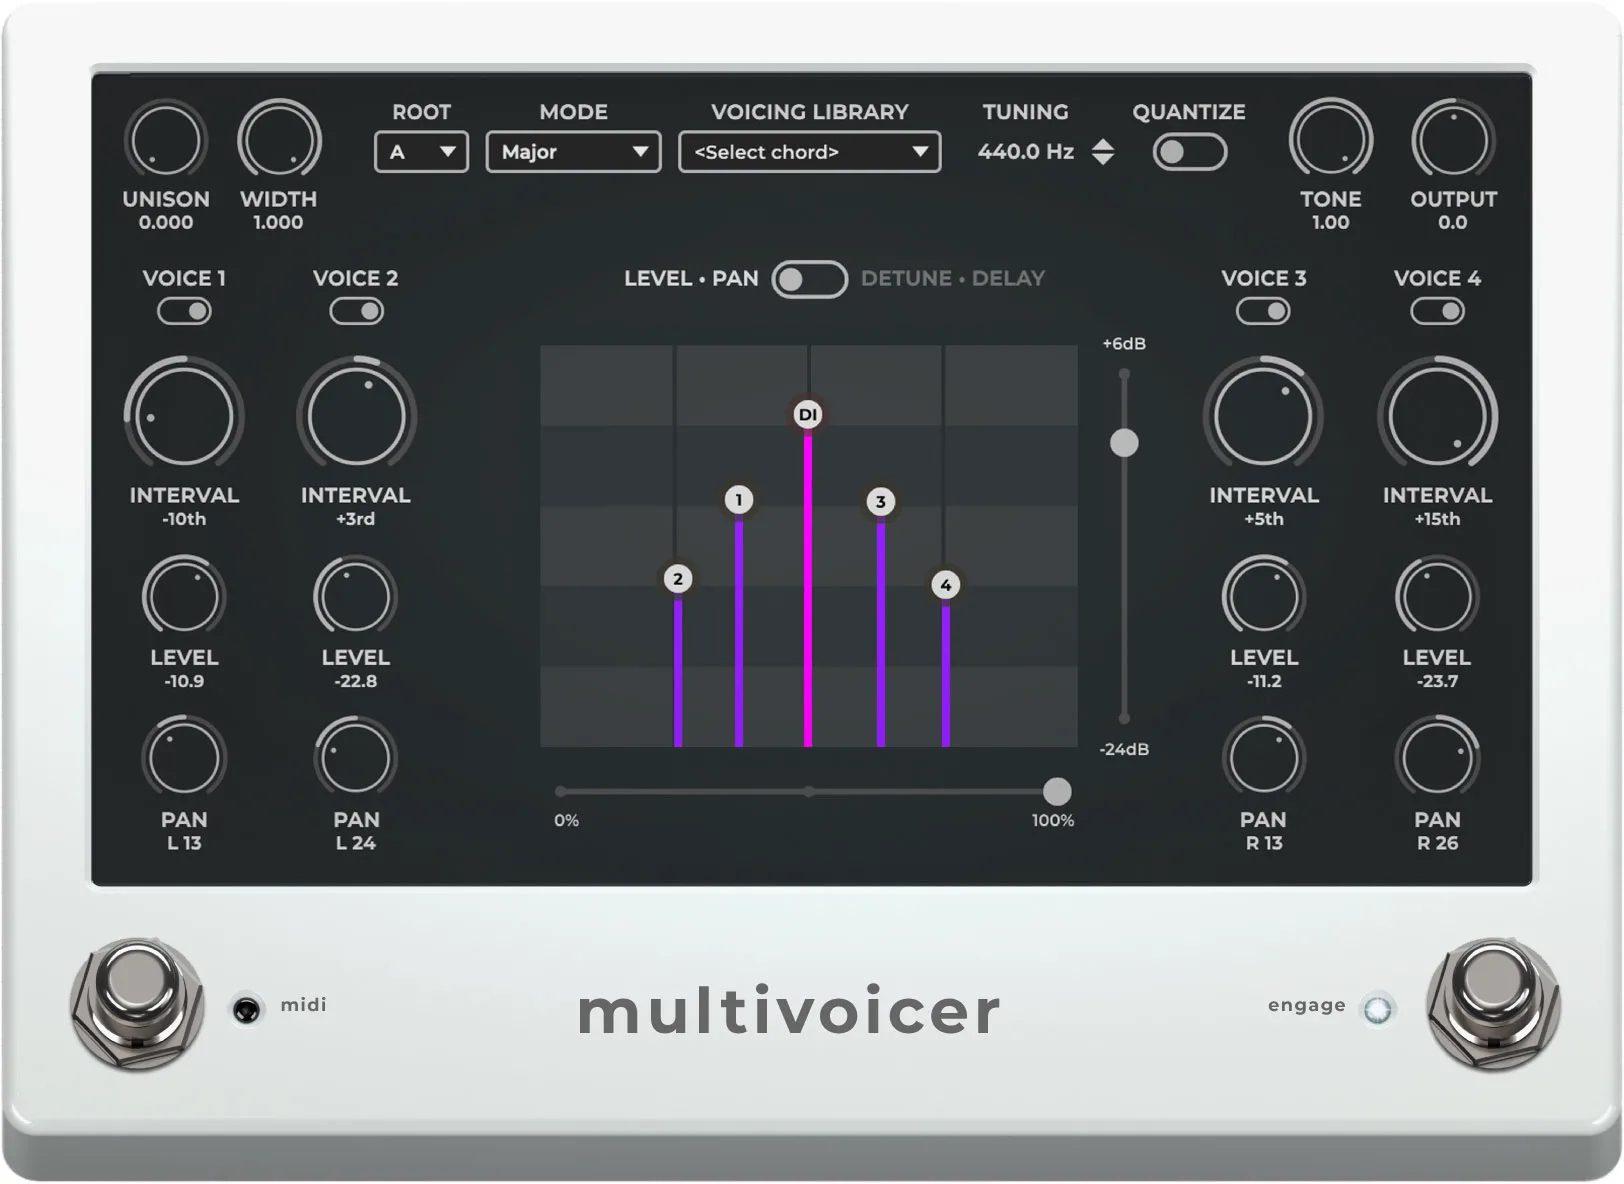 El algoritmo Multivoicer te permite añadir 4 voces pitch-shifted sobre tu señal